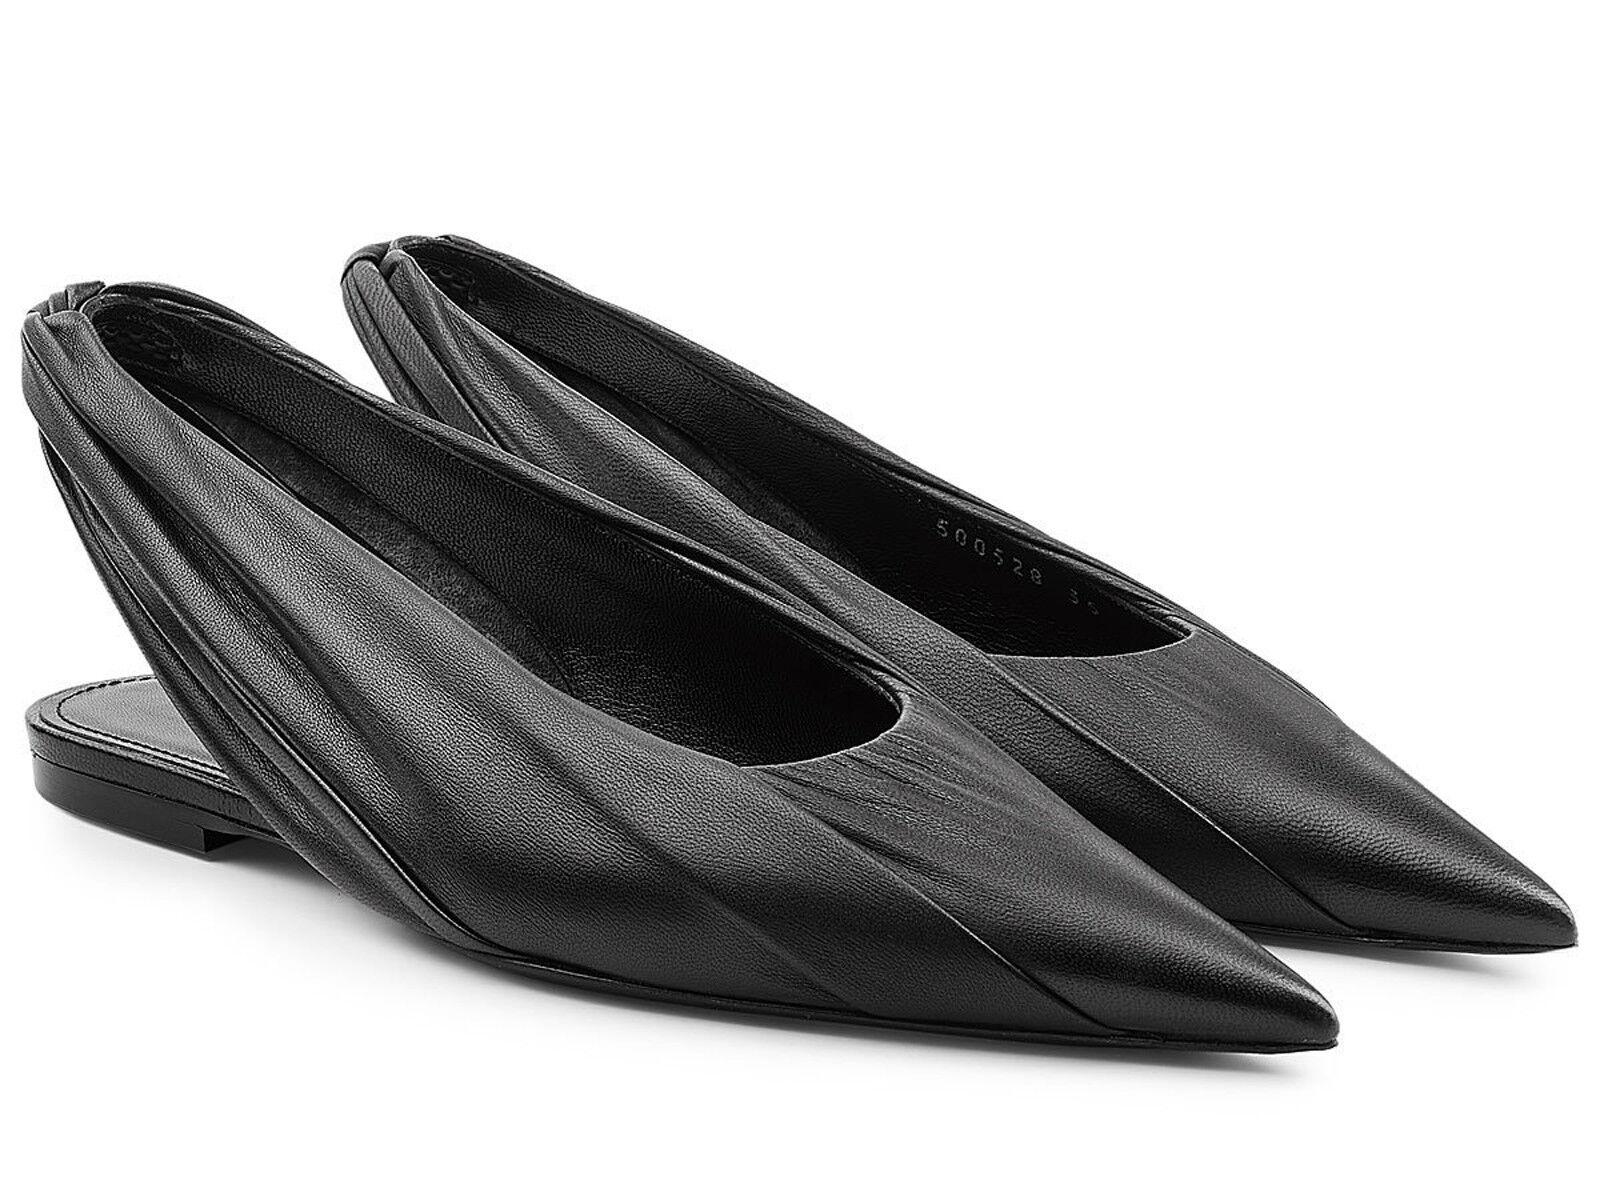 economico Balenciaga Knife slingback sandals luxury scarpe in nero leather leather leather  ti renderà soddisfatto